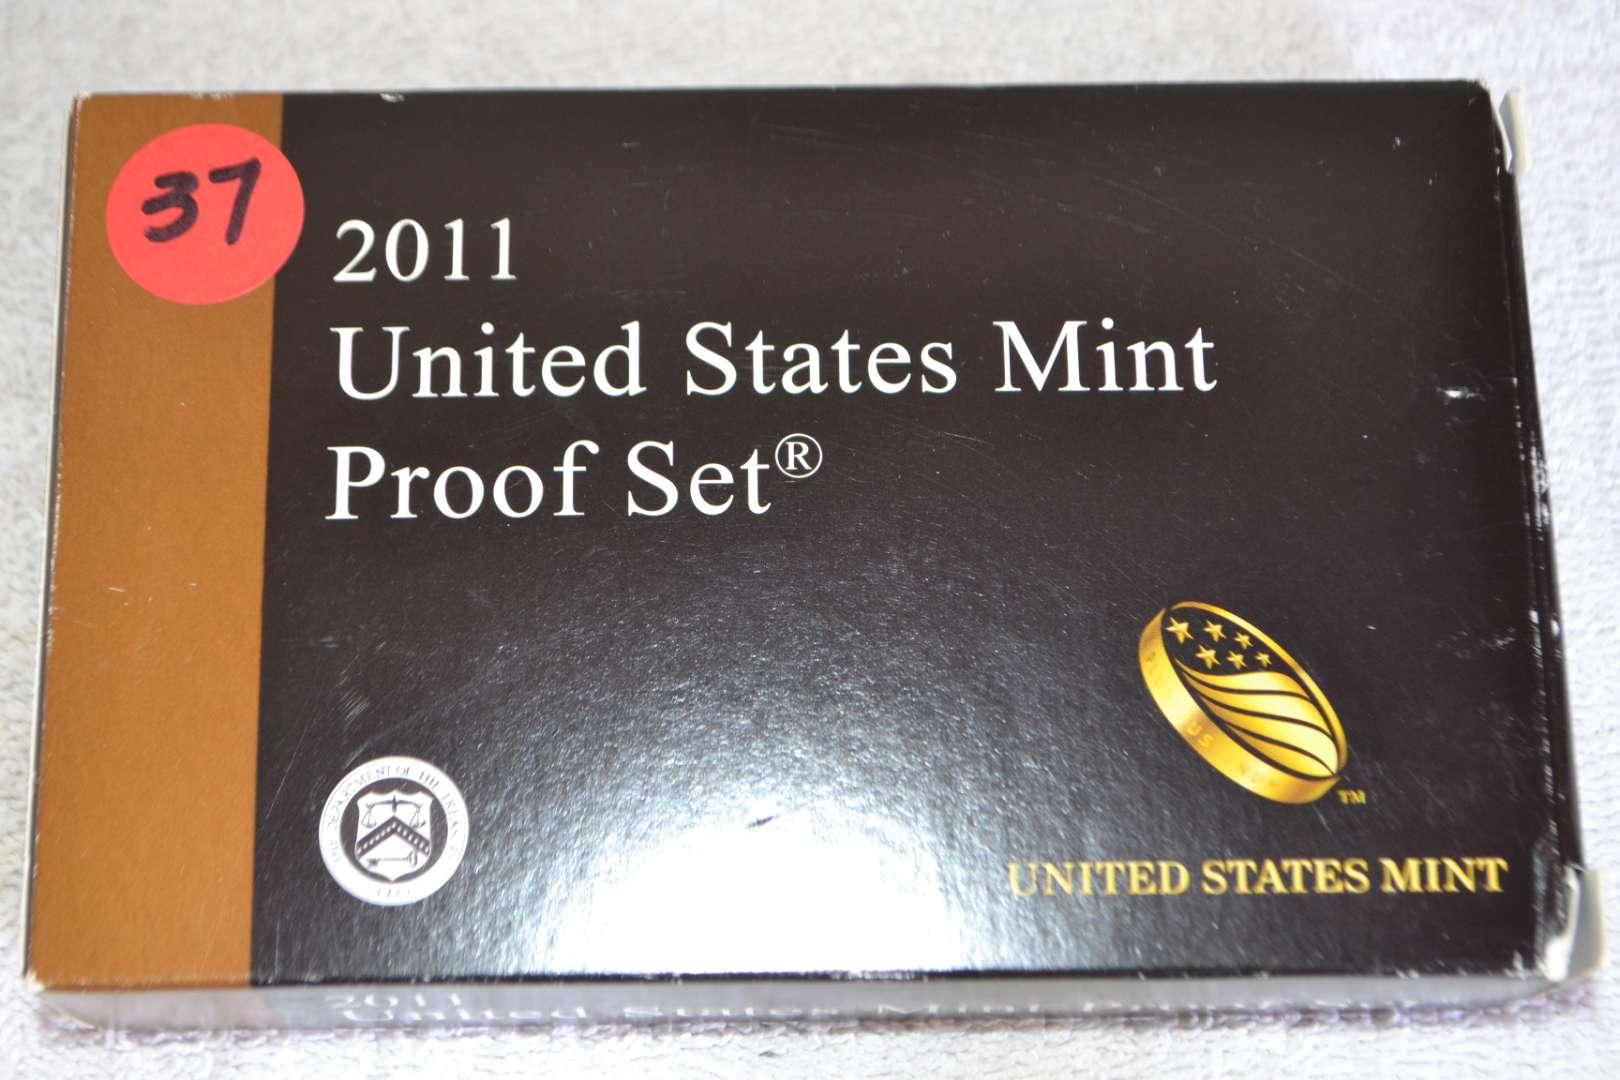 Lot # 37 2011 UNITED STATES MINT PROOF SET